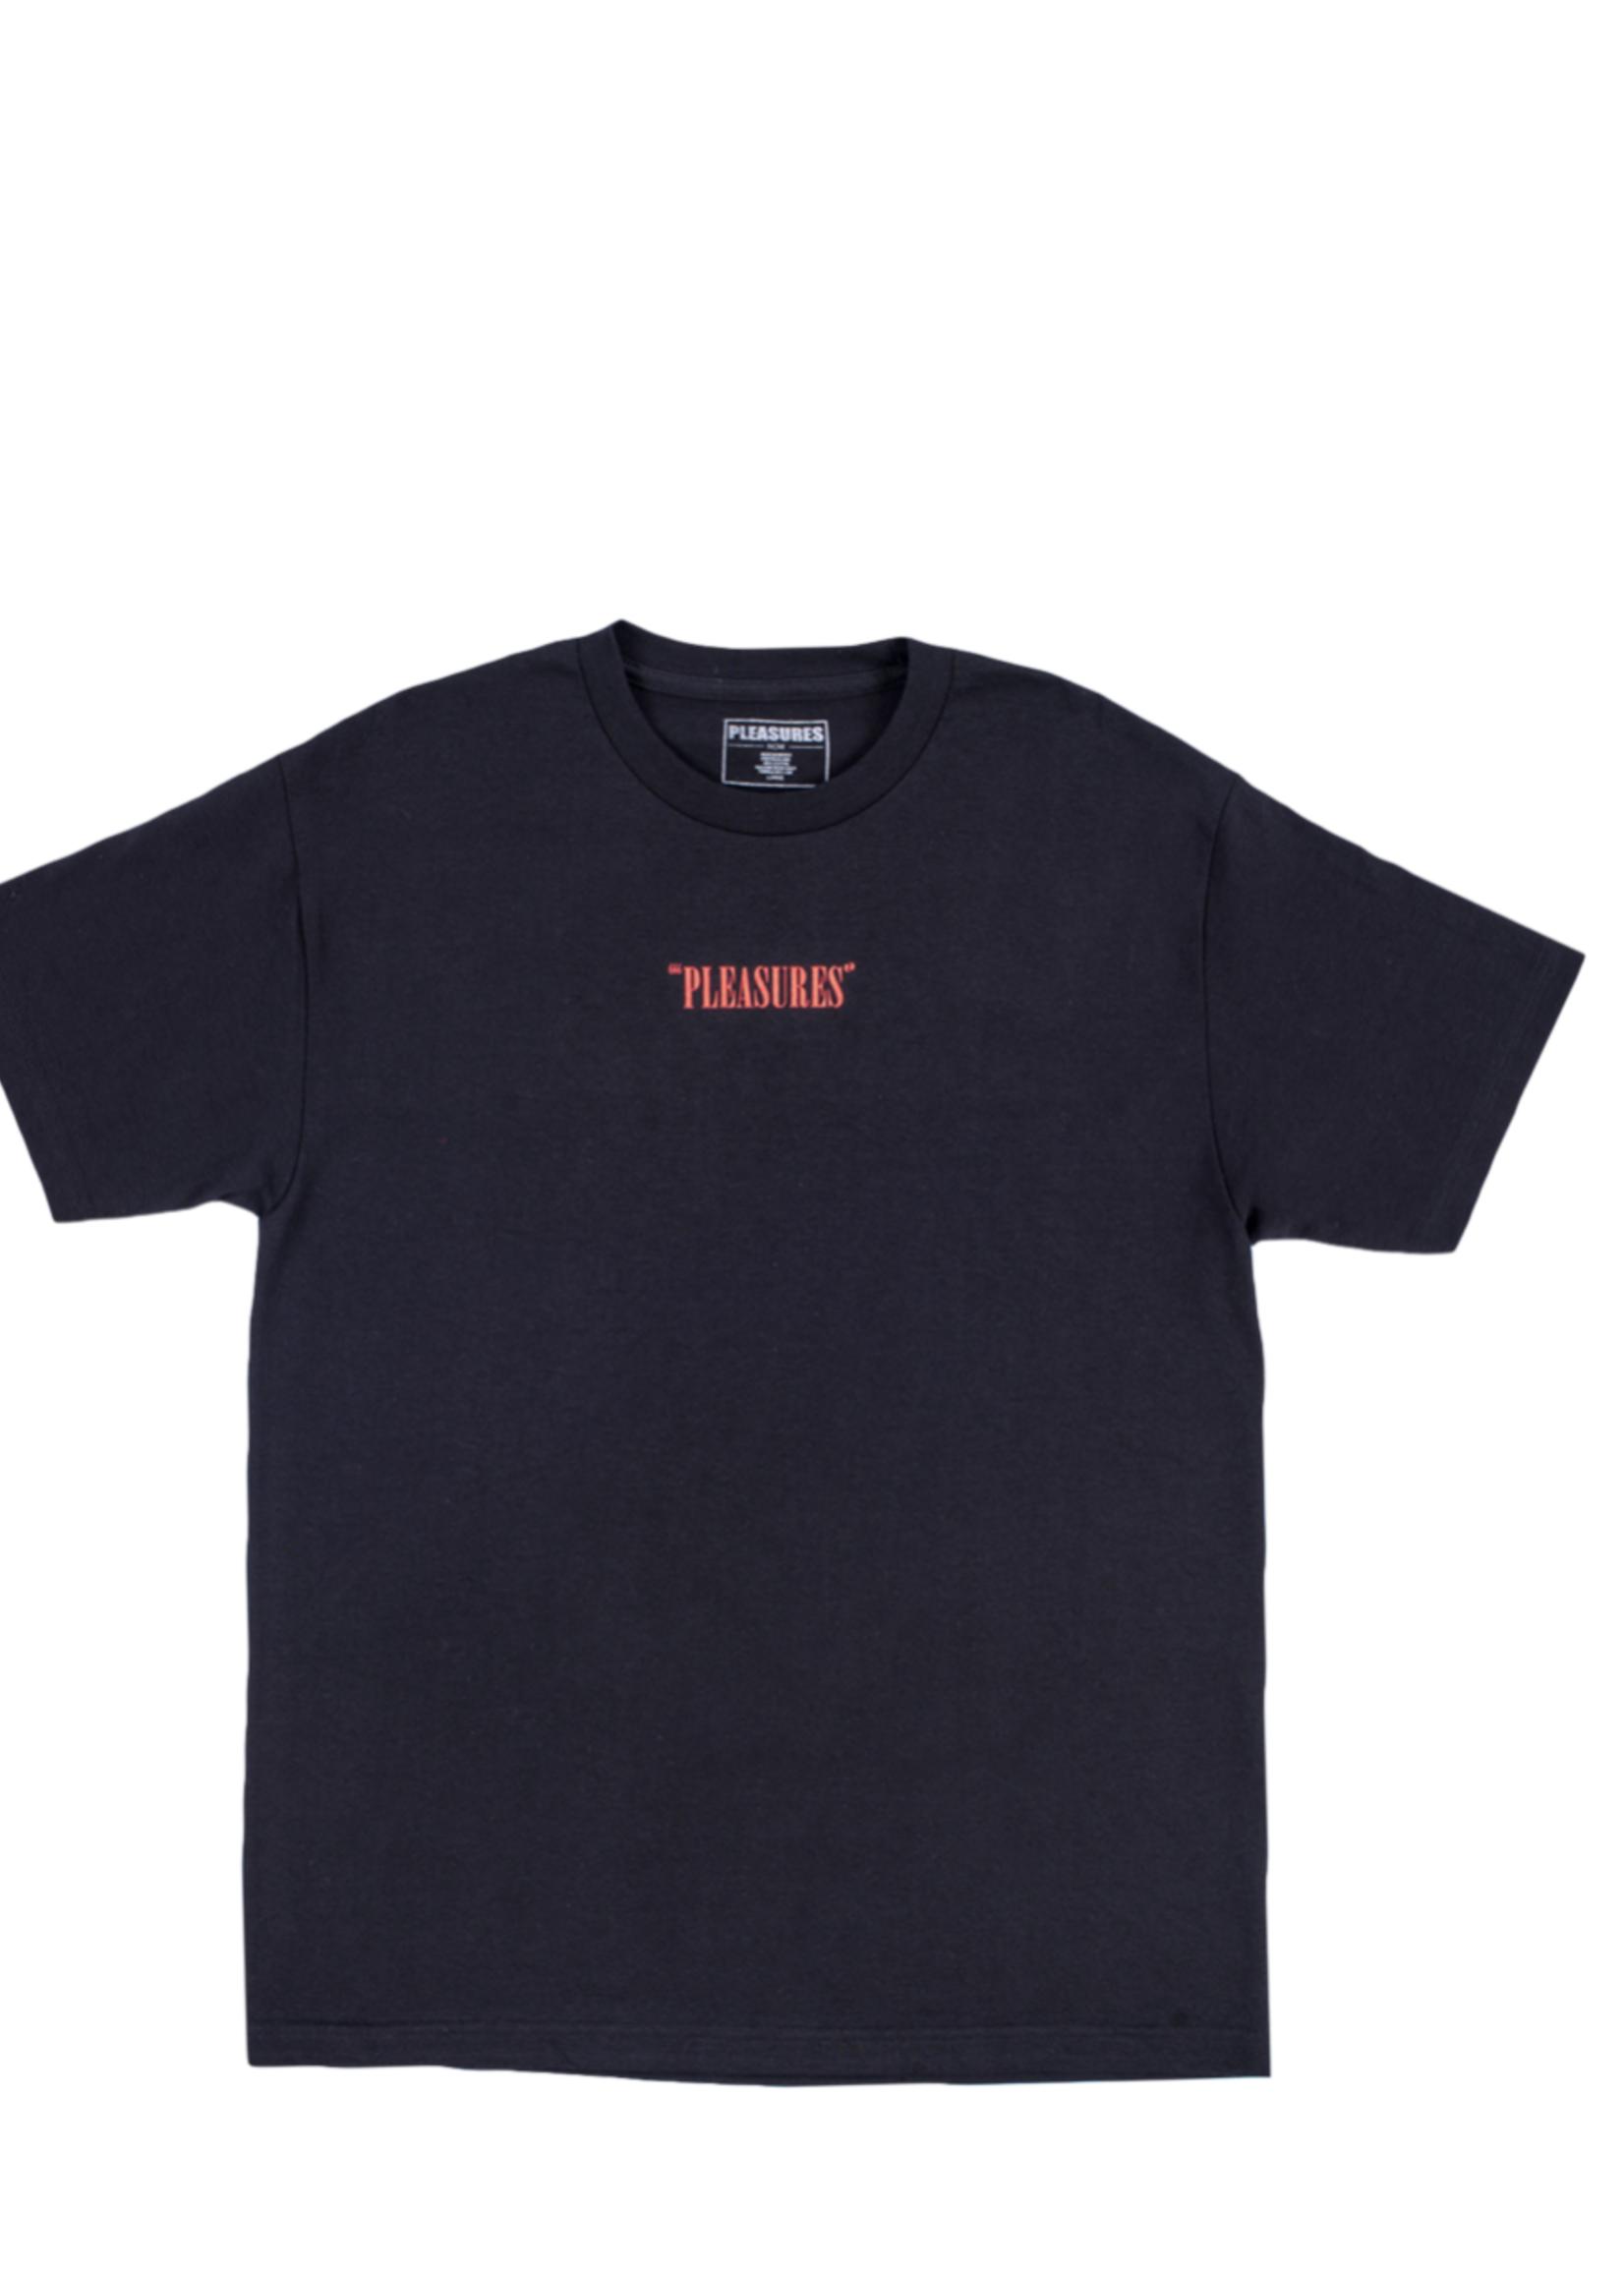 PLEASURES Freaks T-shirt in Black